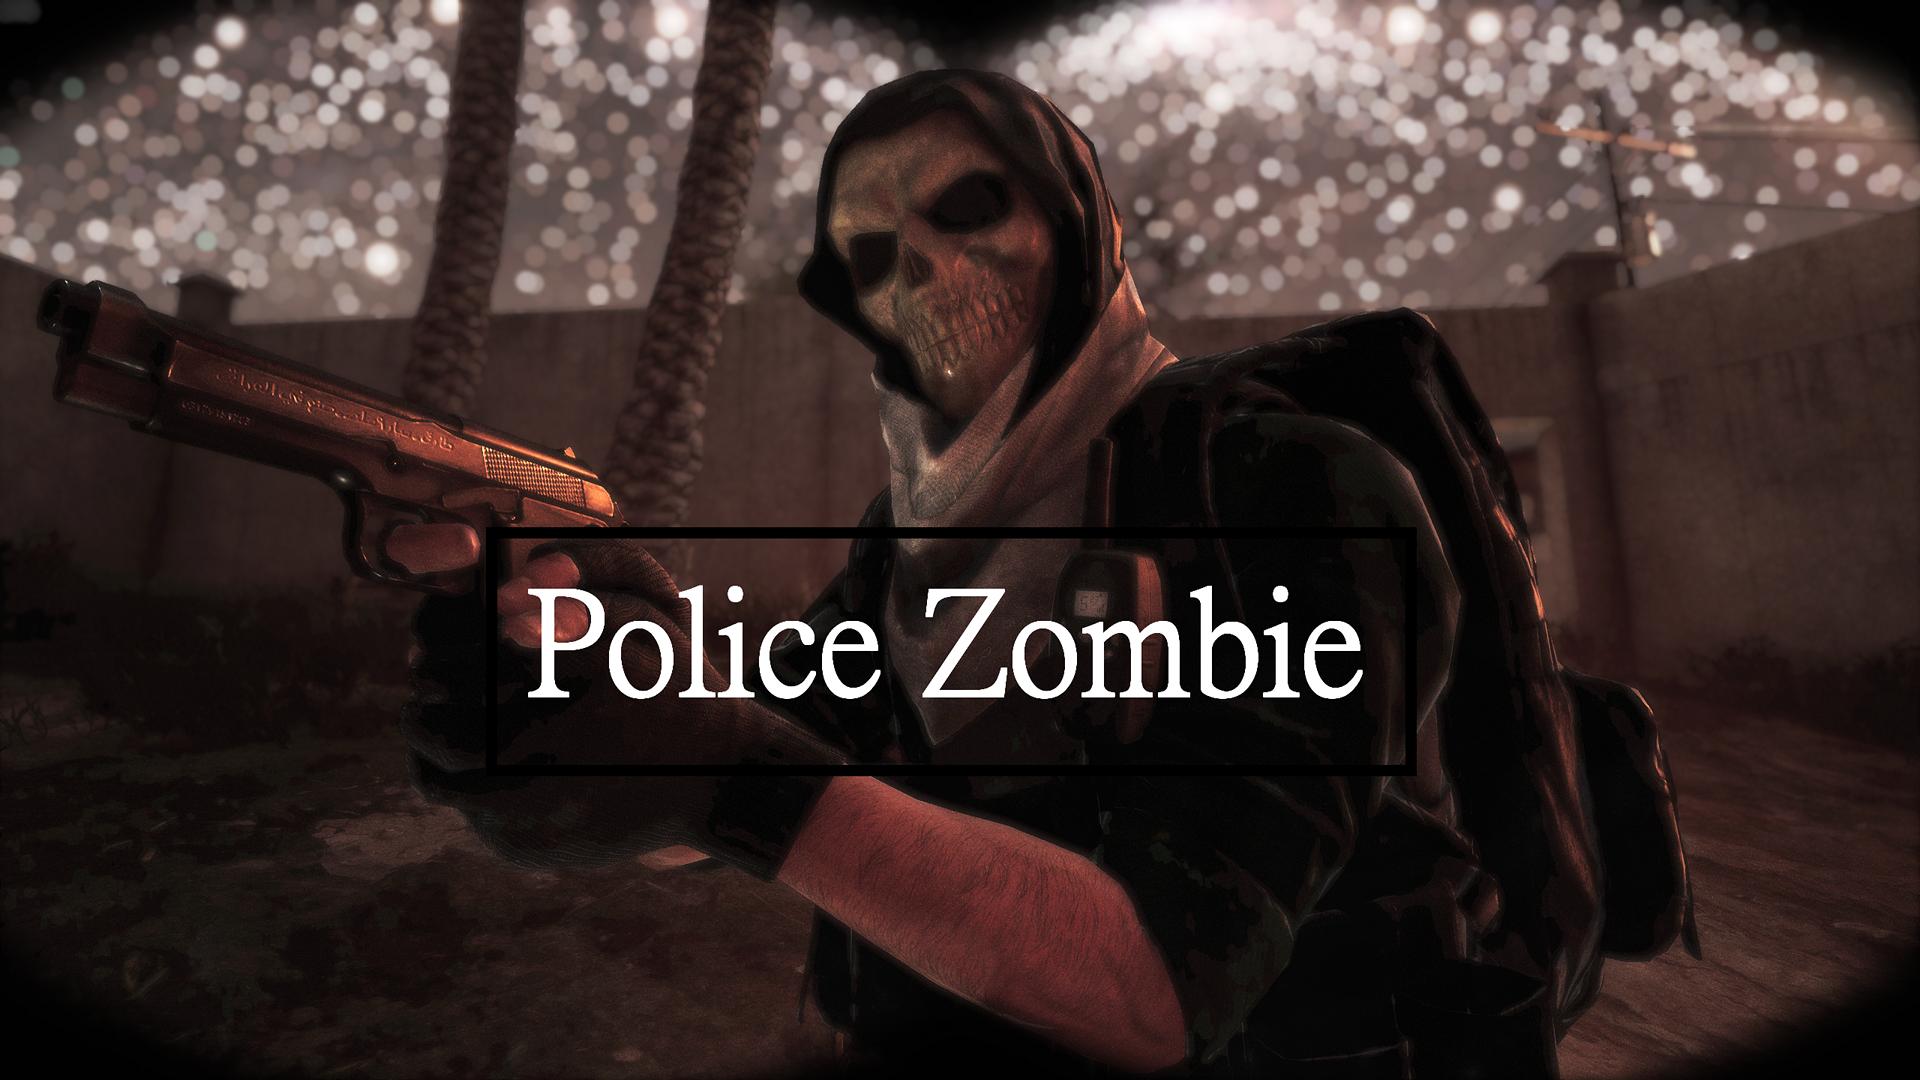 policezombie